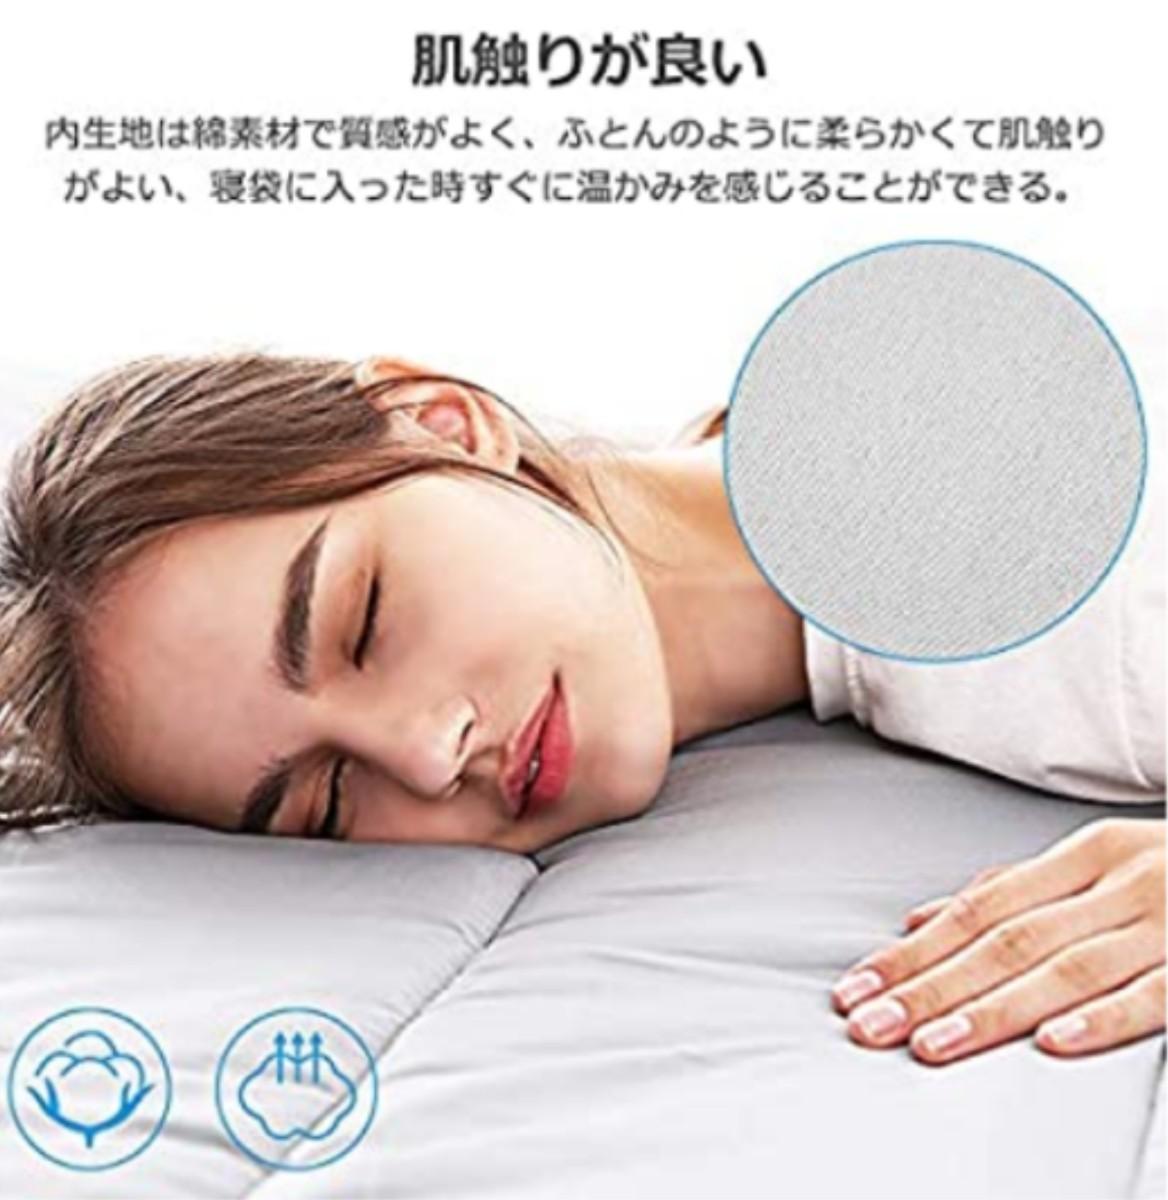 寝袋 コンパクト 封筒型 HIPPIH 軽量 シュラフ 丸洗い 防災用、